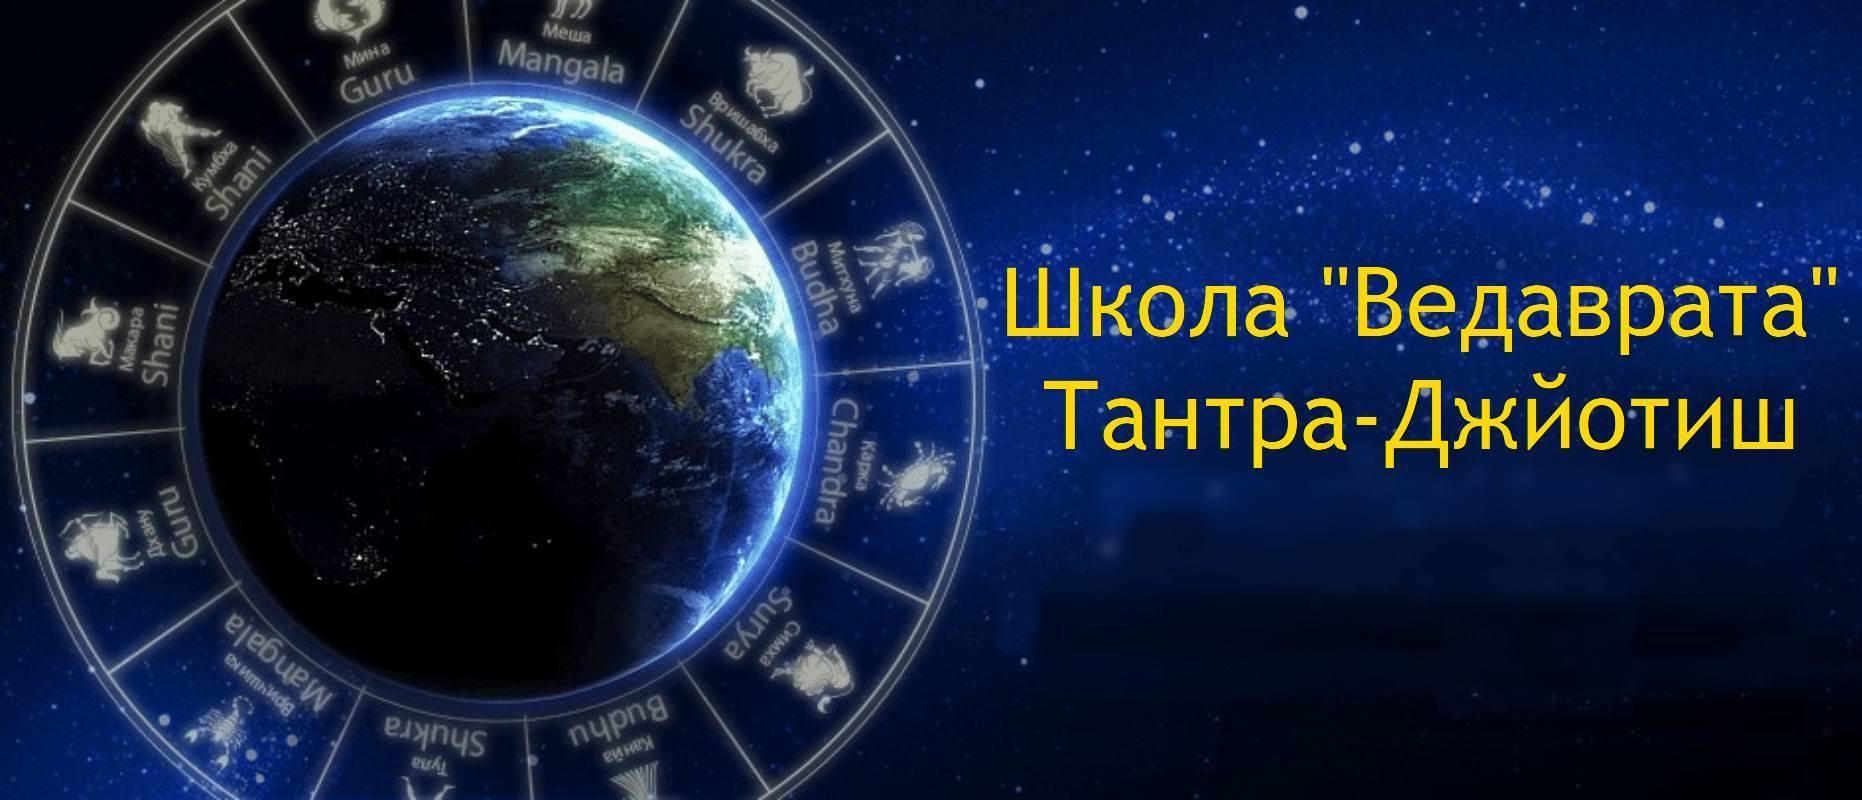 *** Тантра-Джйотиш Школа-Ведаврата — Антон Михайлович Кузнецов ***